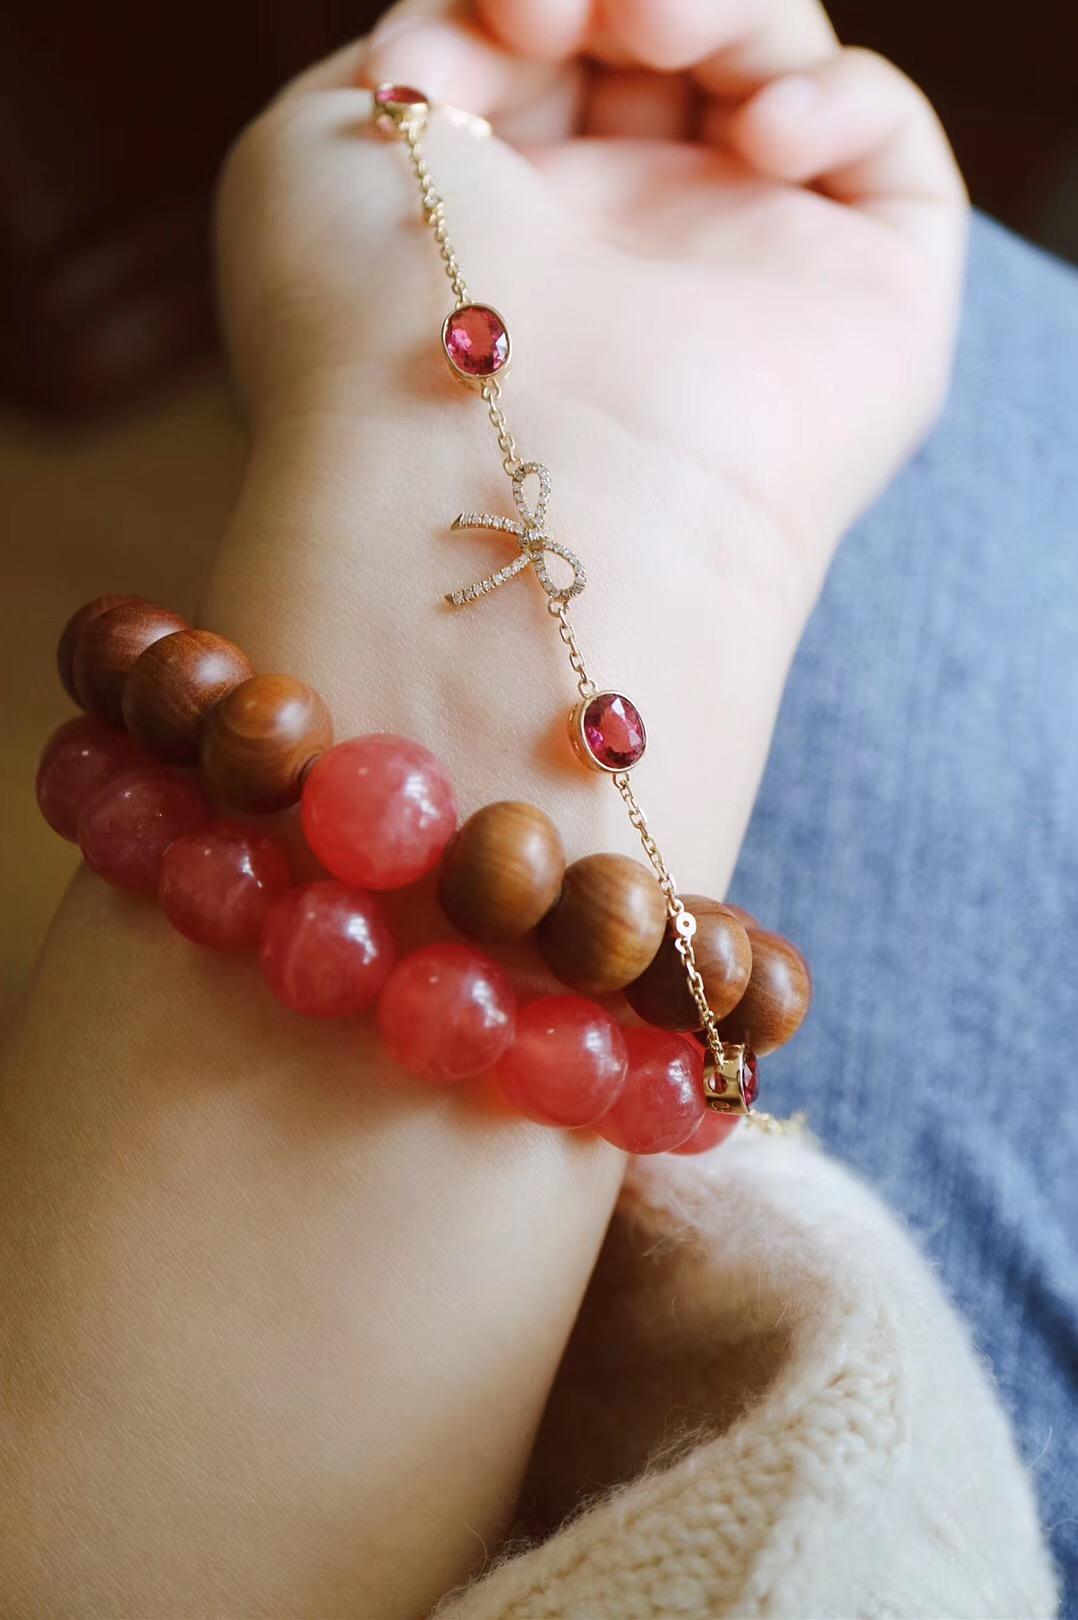 【菩心-红碧玺】拥有一颗少女心,生活处处皆是惊喜和礼物-菩心晶舍